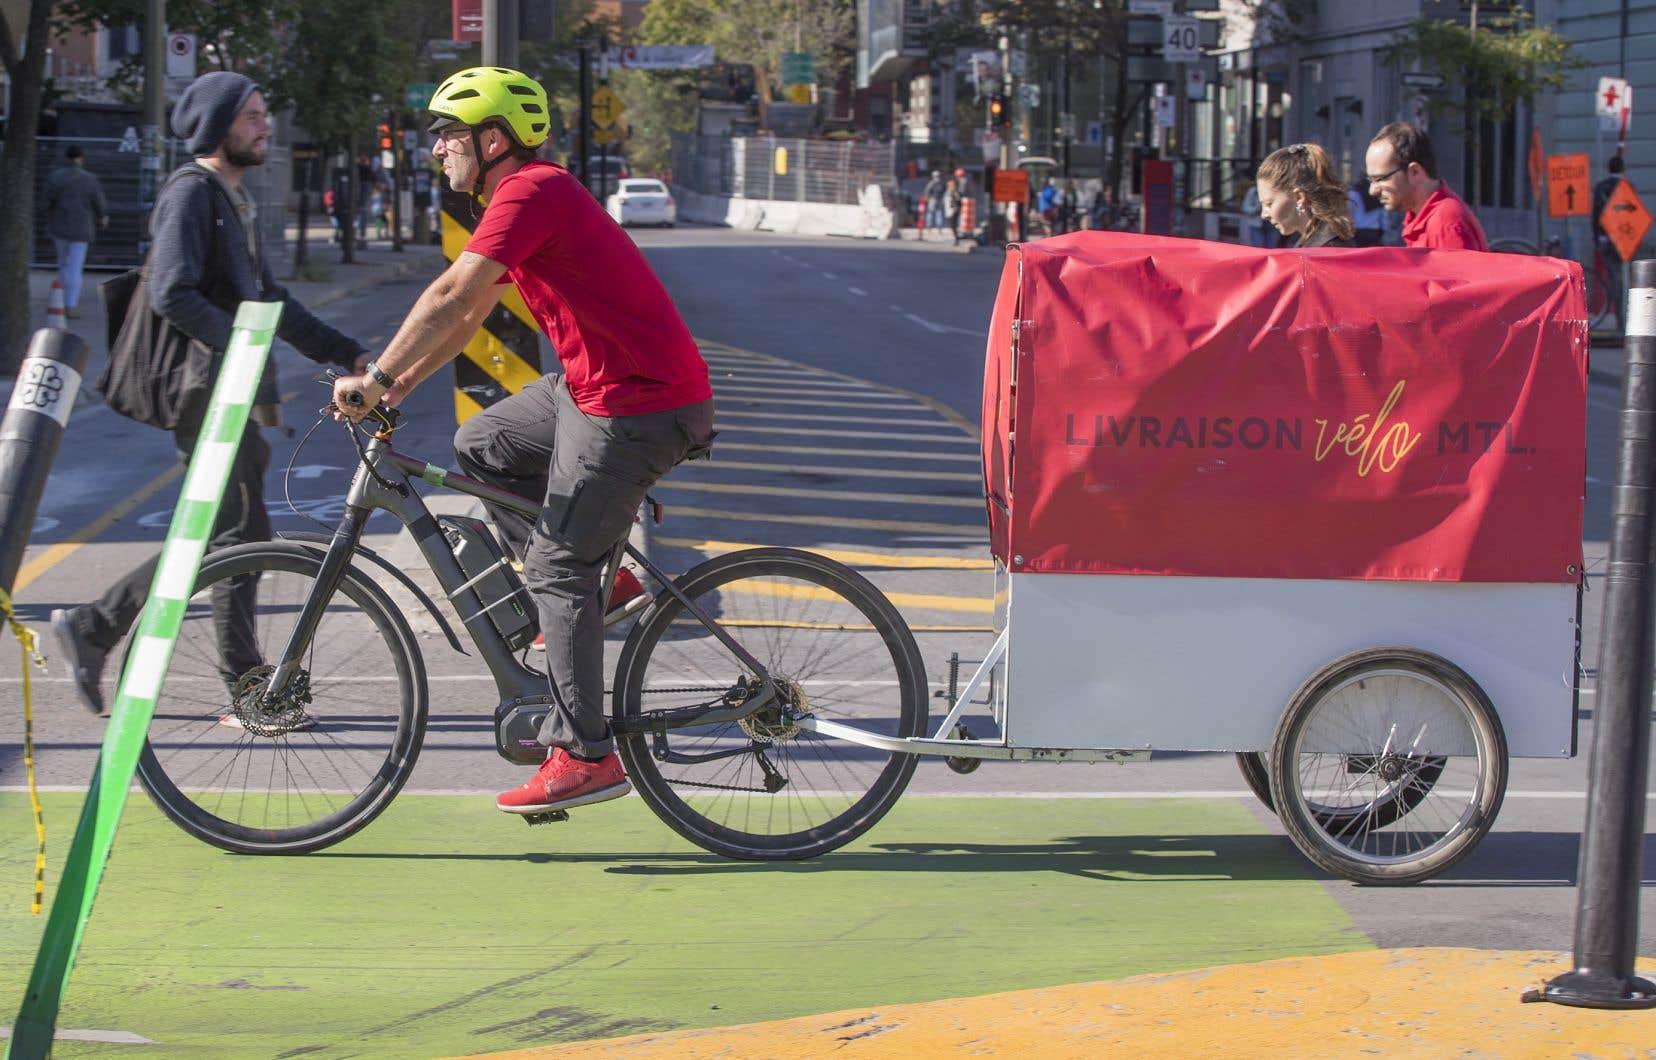 Les vélos-cargos — sur lesquels les livreurs pédalent en étant aidés par un moteur électrique — peuvent transporter jusqu'à 180 kilos de cargaison.